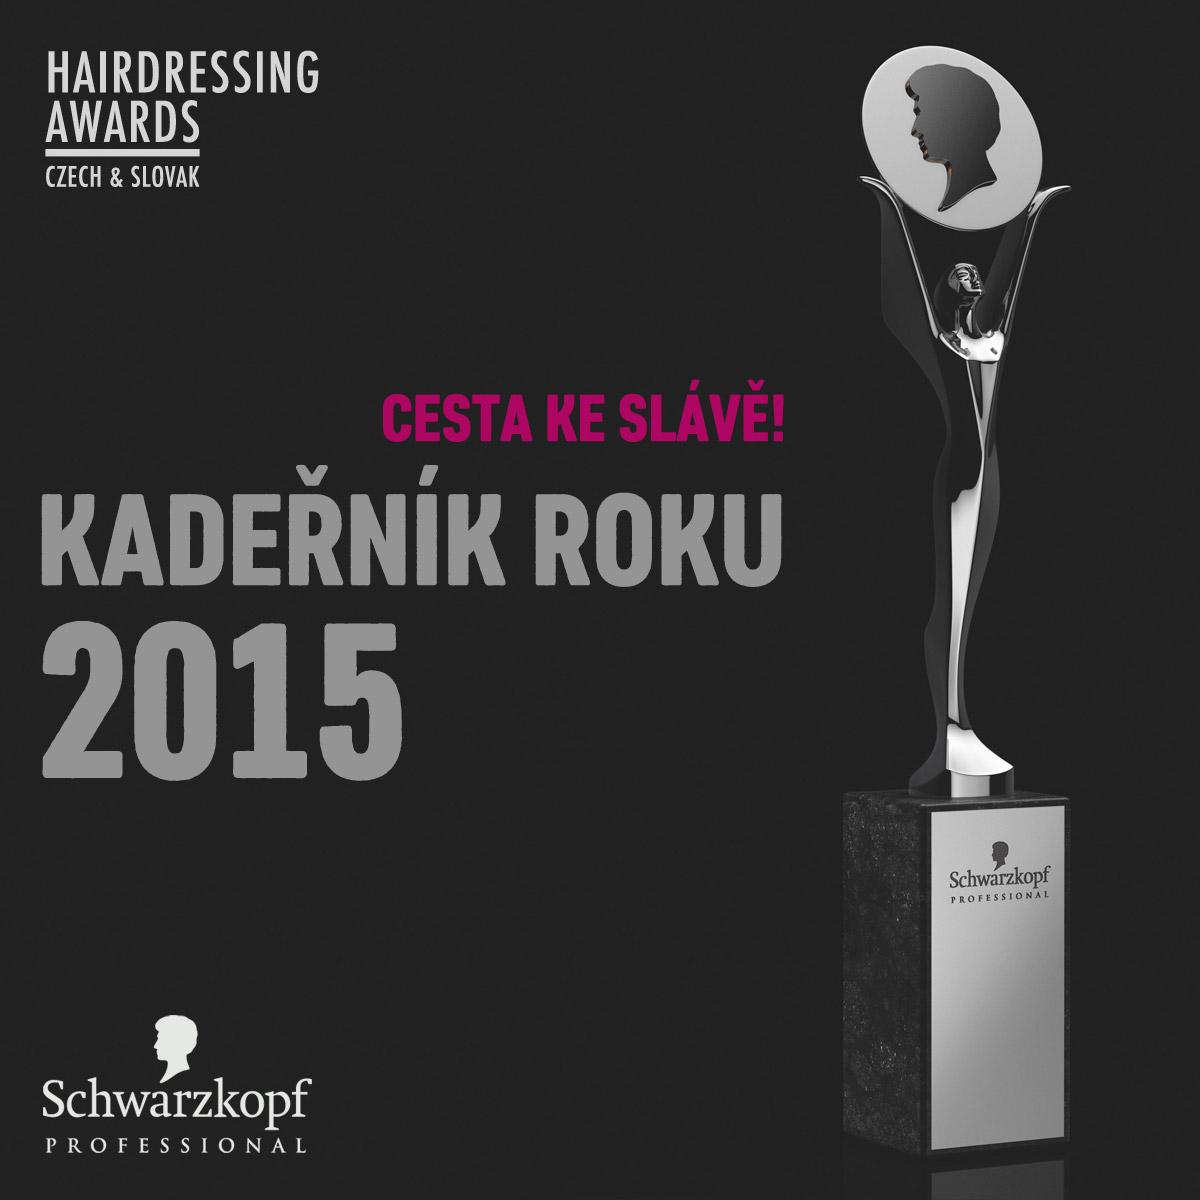 Už jen necelé dva měsíce mají čeští a slovenští kadeřníci na to, aby atakovali nejvyšší titul v kadeřnické branži – titul Kadeřník roku 2015.